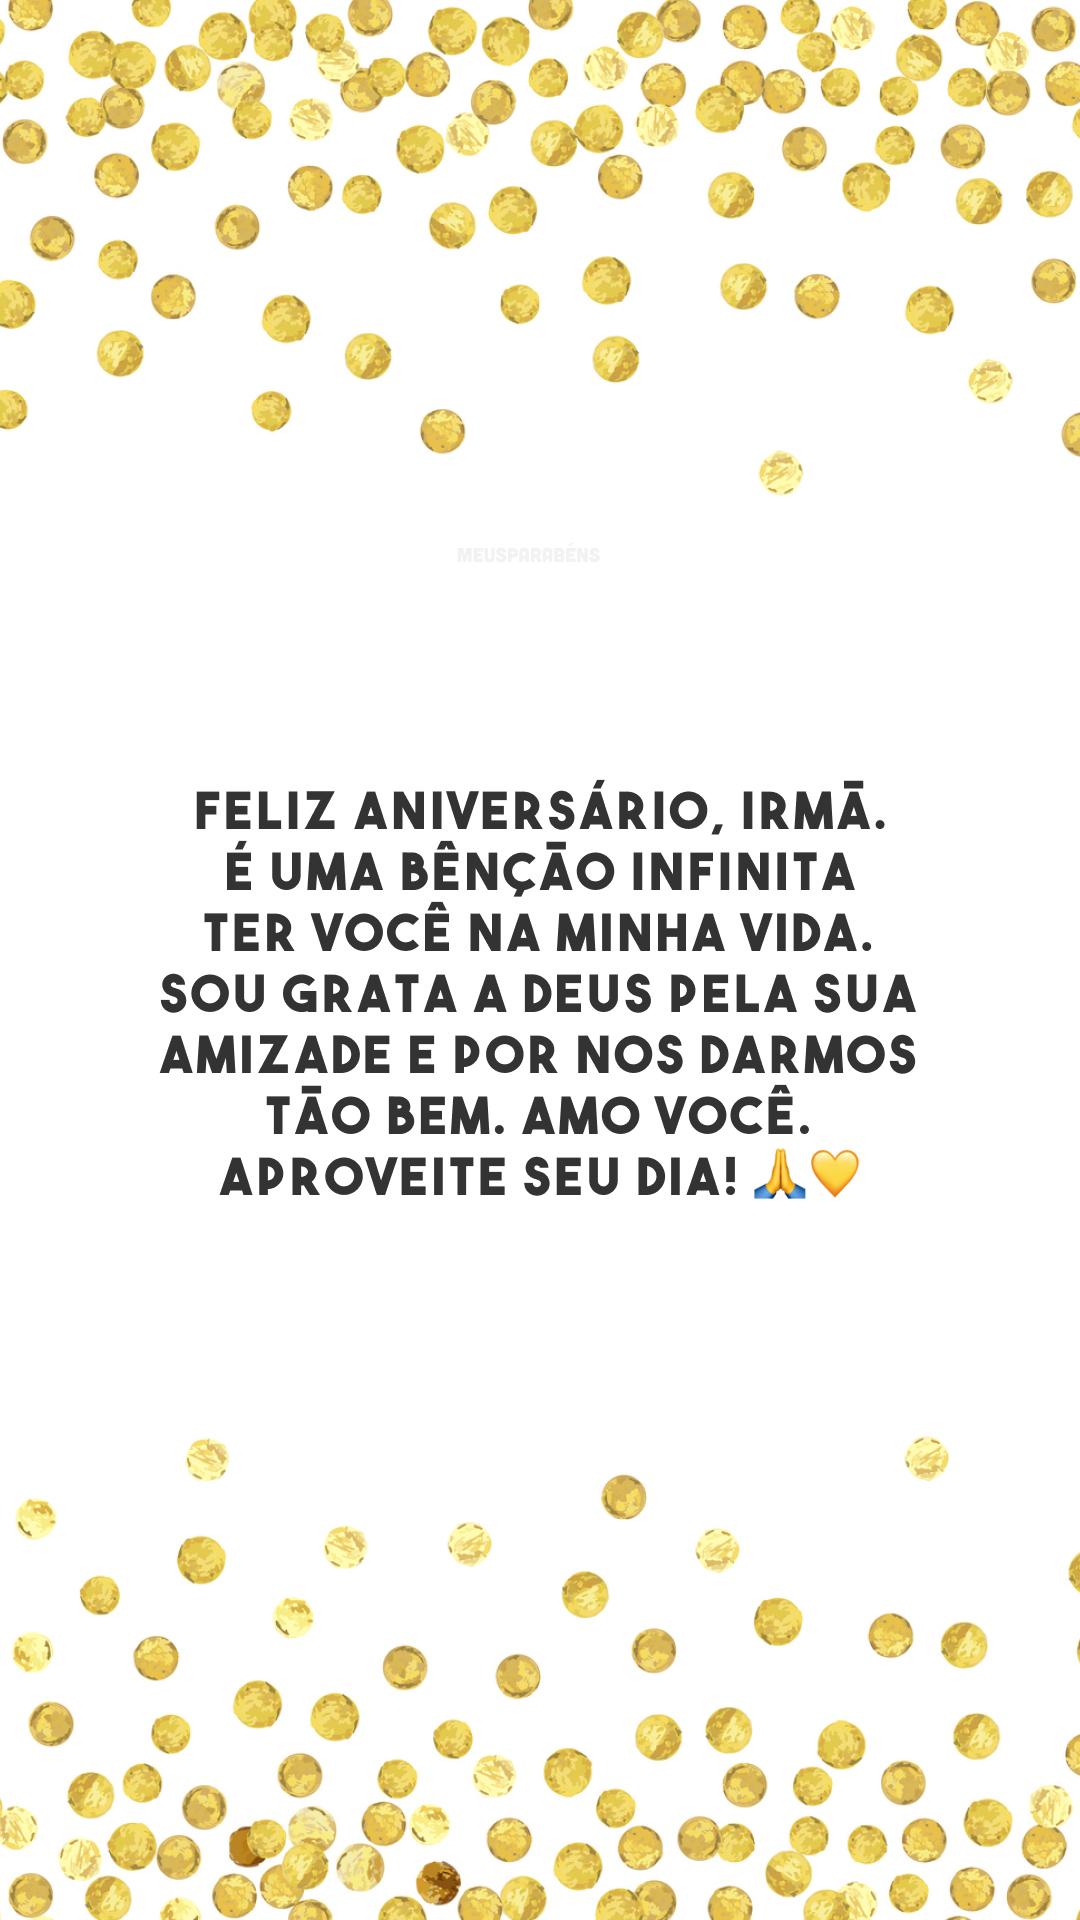 Feliz aniversário, irmã. É uma bênção infinita ter você na minha vida. Sou grata a Deus pela sua amizade e por nos darmos tão bem. Amo você. Aproveite seu dia! 🙏💛